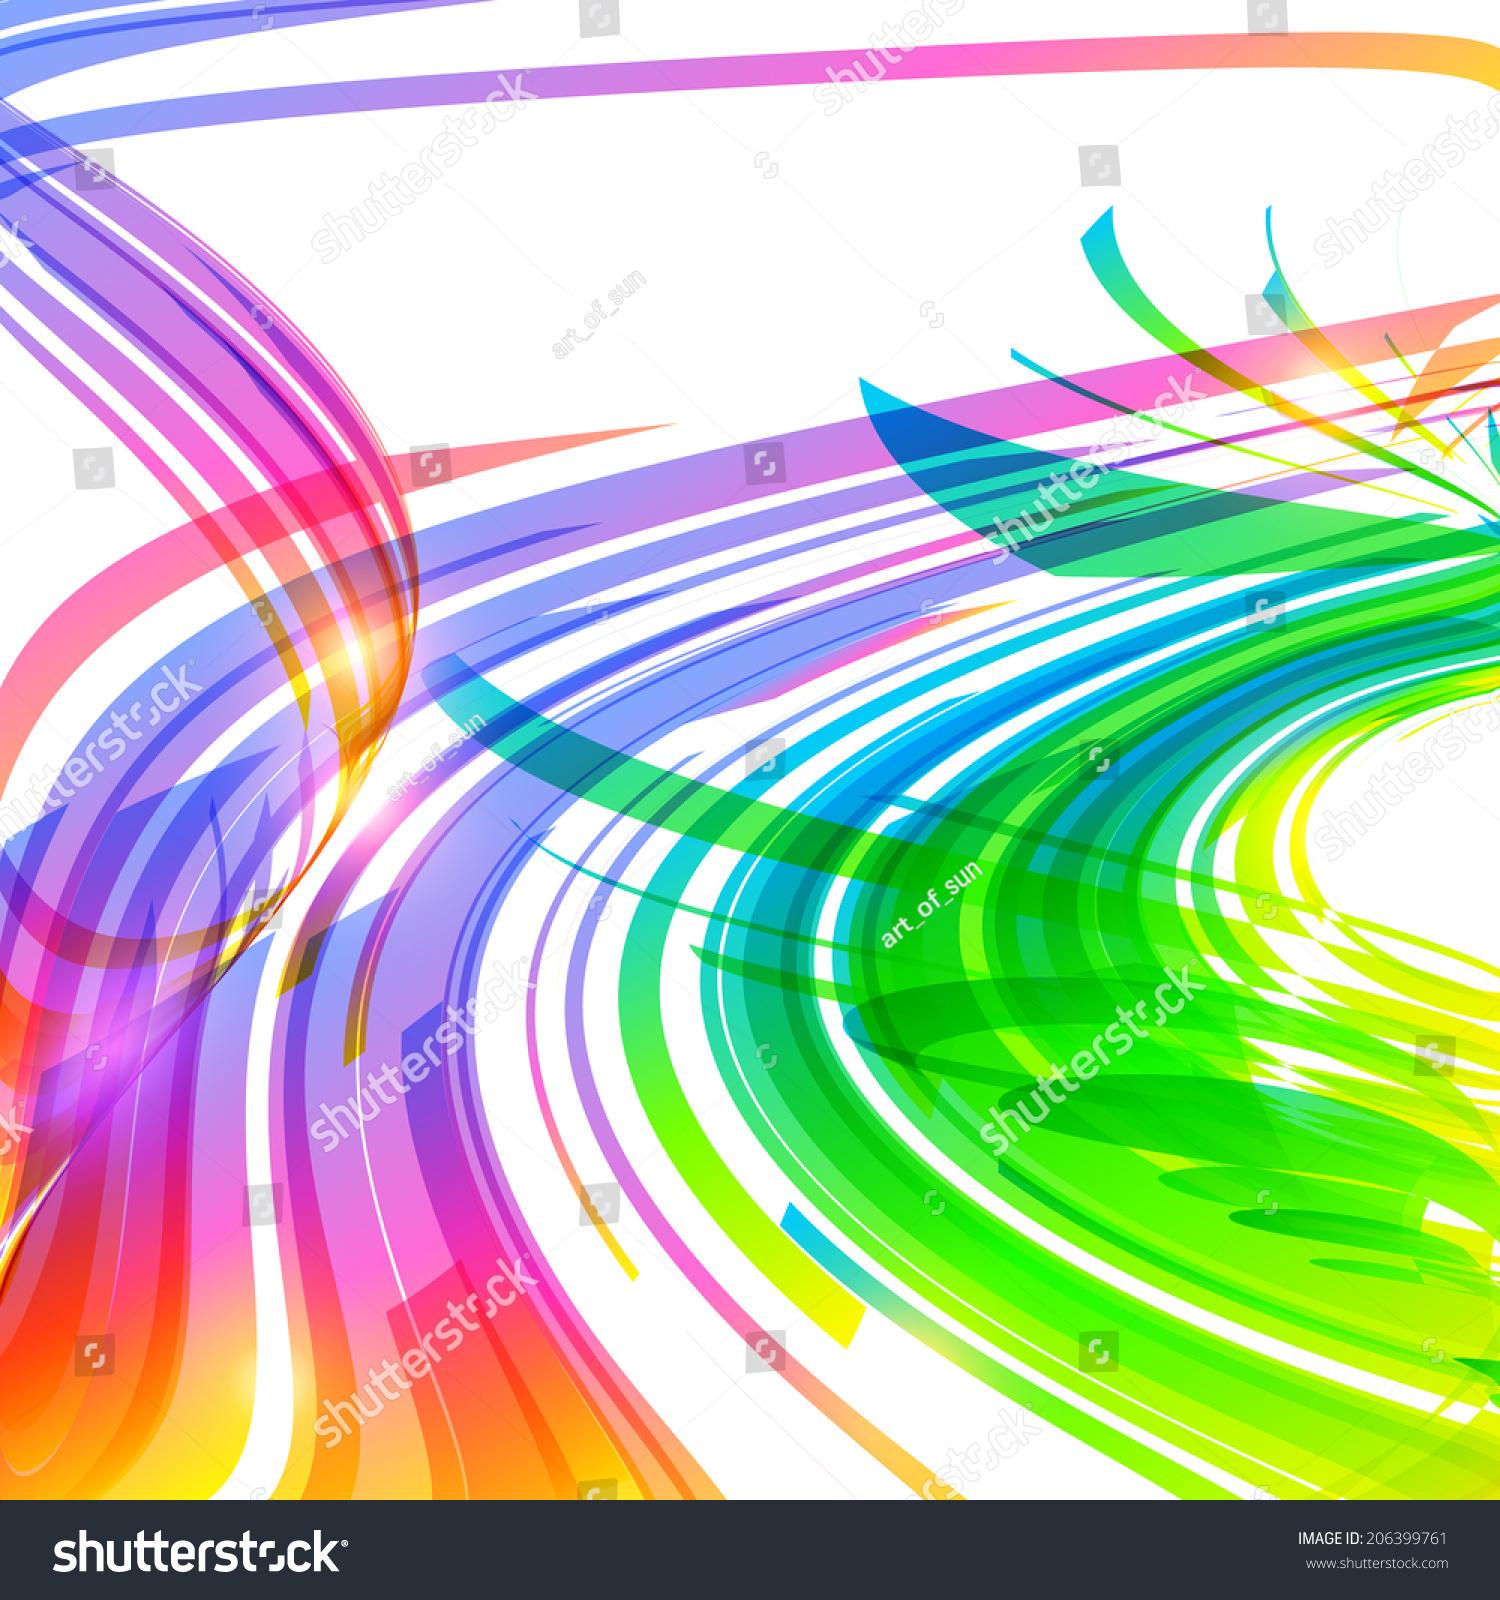 彩虹色抽象曲线背景-背景/素材图片